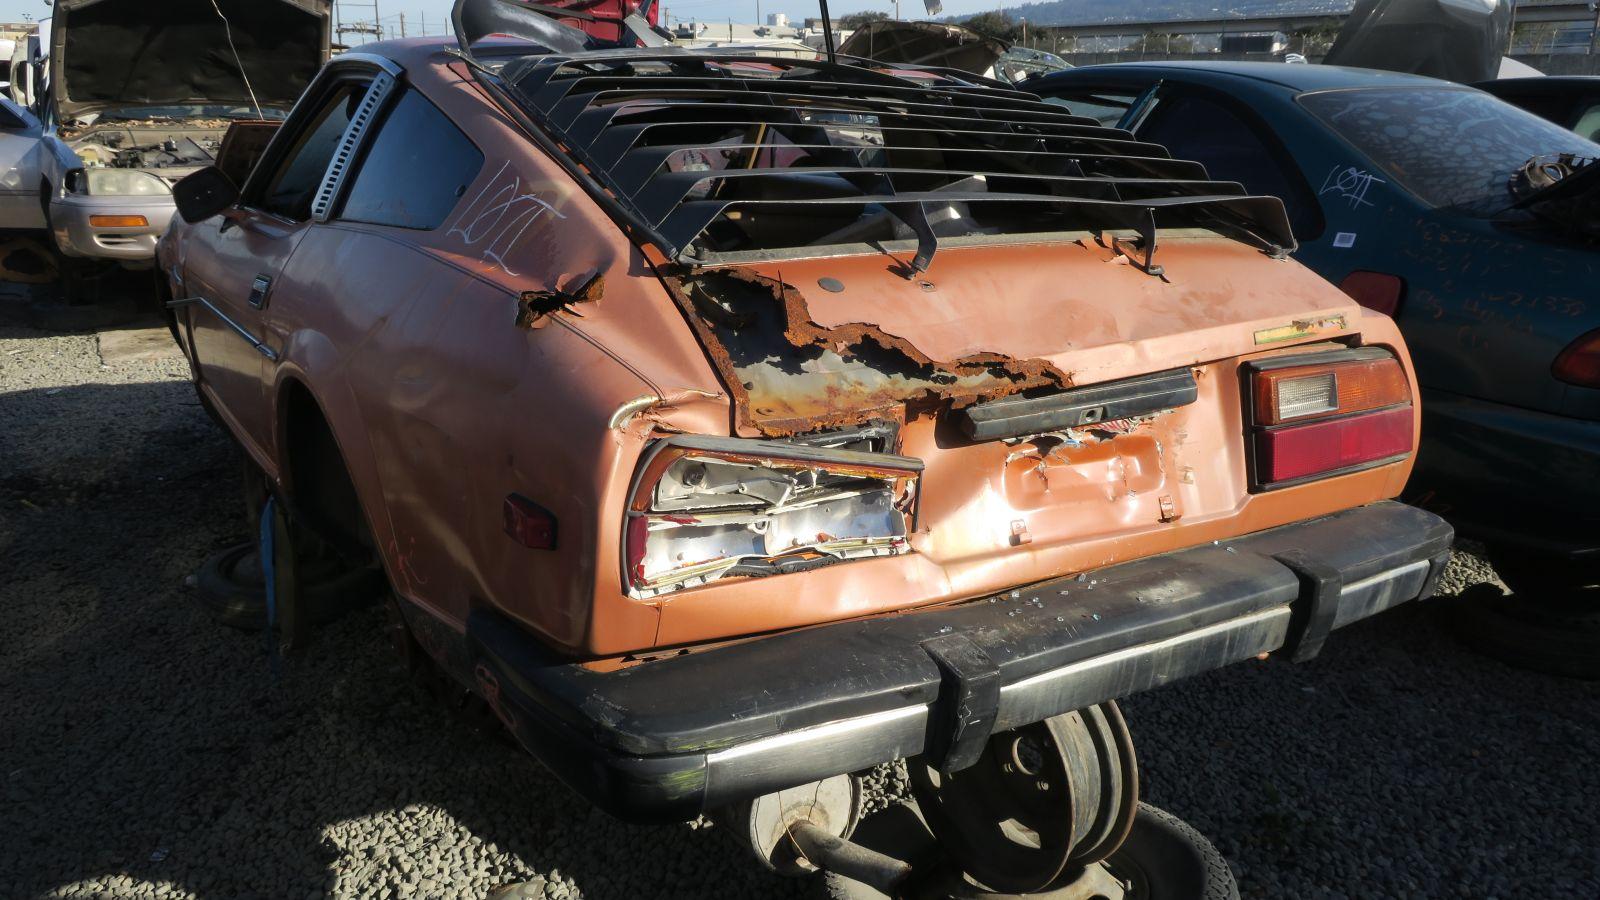 Junkyard Gem: 1981 Datsun 280ZX - Autoblog